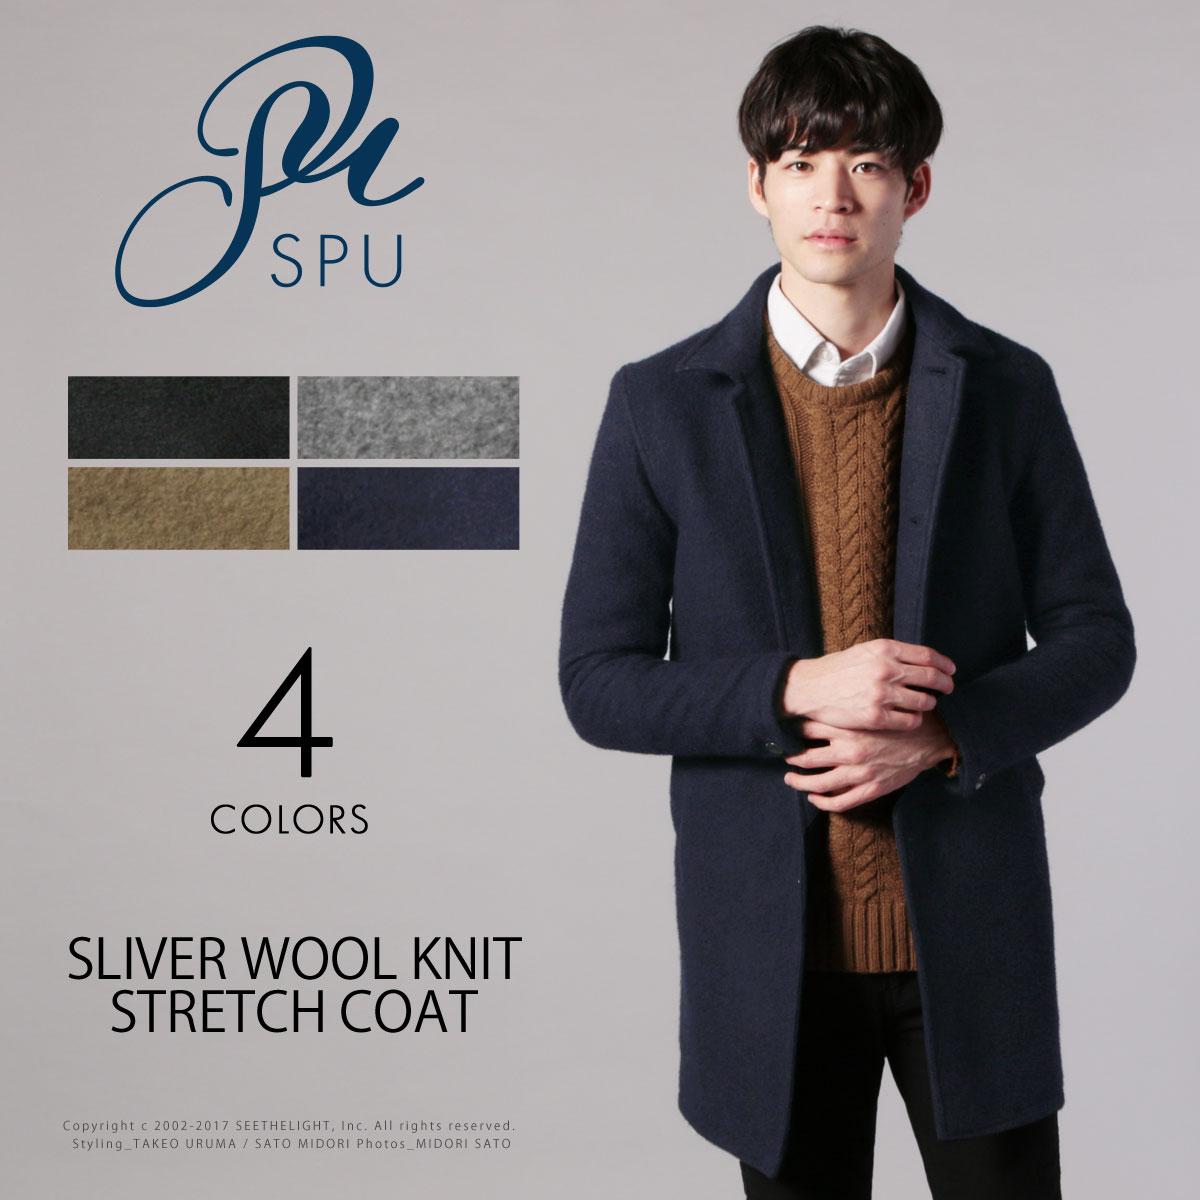 【セール対象】メンズ コート アウター スライバー ウール ニット ストレッチ ステンカラー コート SPU スプ